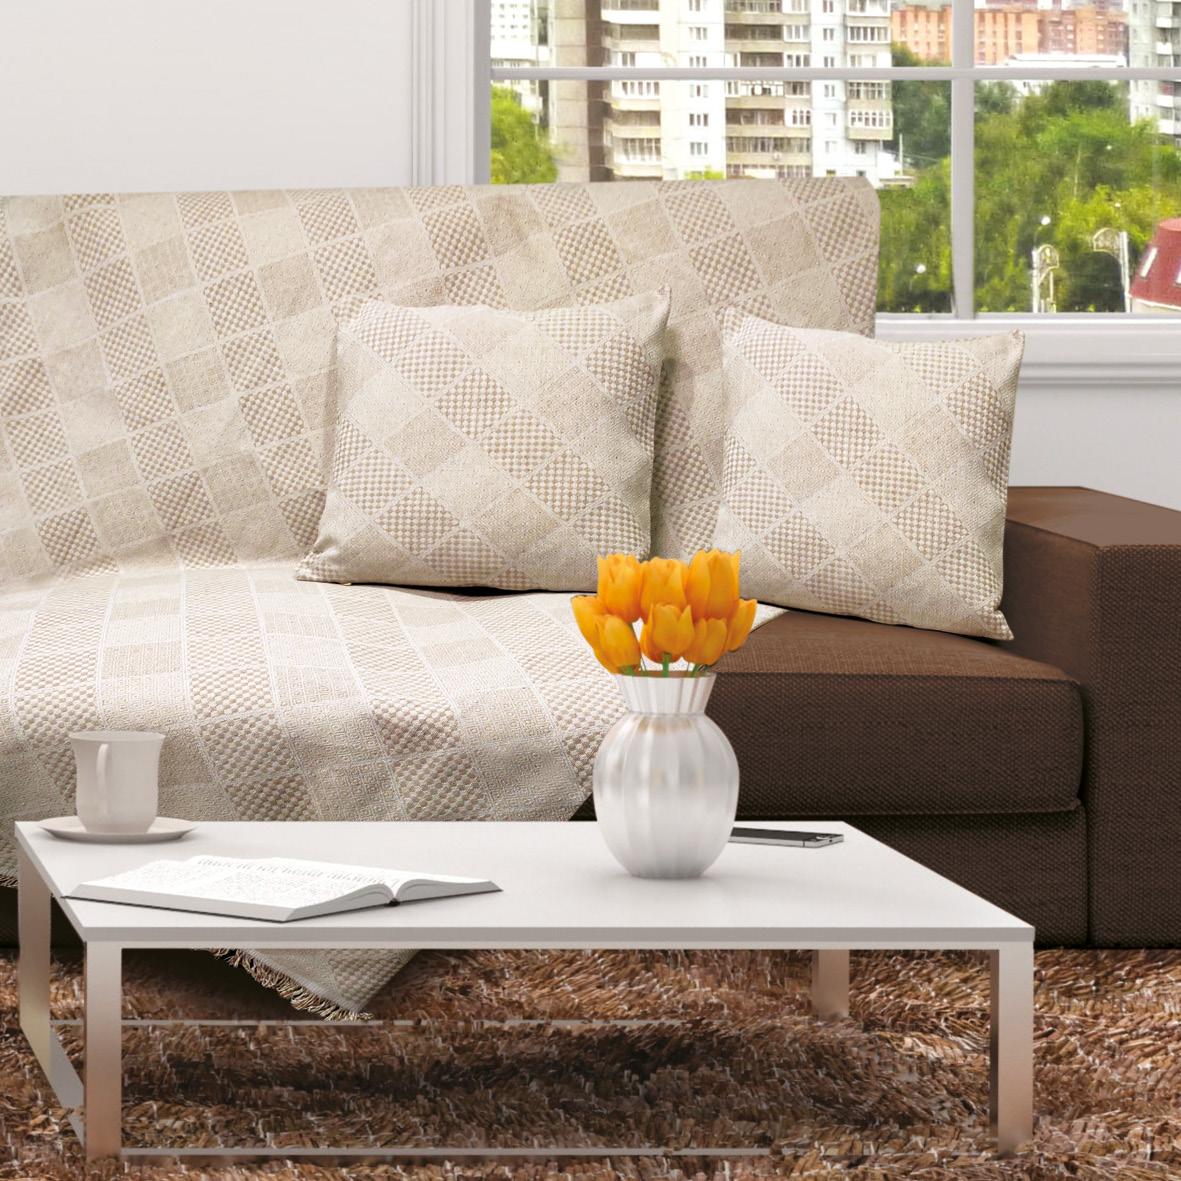 Διακοσμητική Μαξιλαροθήκη Polycotton 40×40εκ. Orlando Beige Sb home (Ύφασμα: 80% Cotton – 20% Polyester, Χρώμα: Μπεζ) – Sb home – 5206864061712